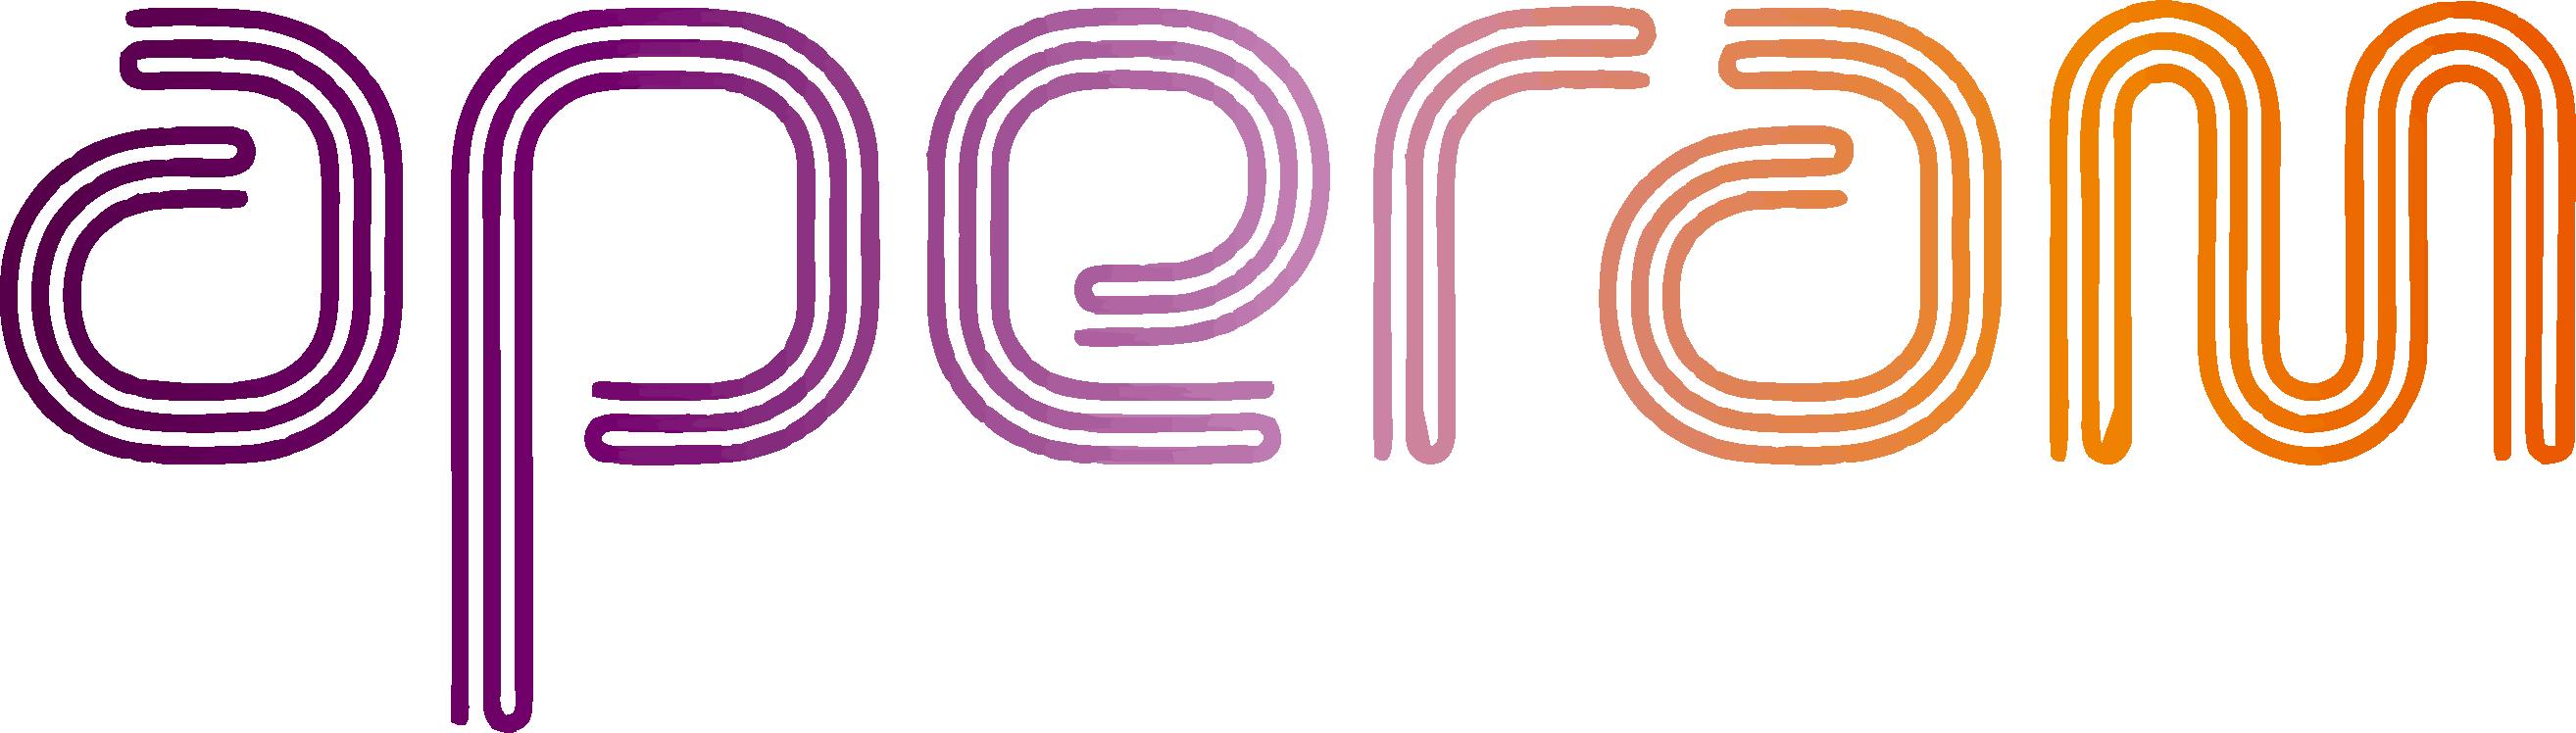 Logotipo Aperam